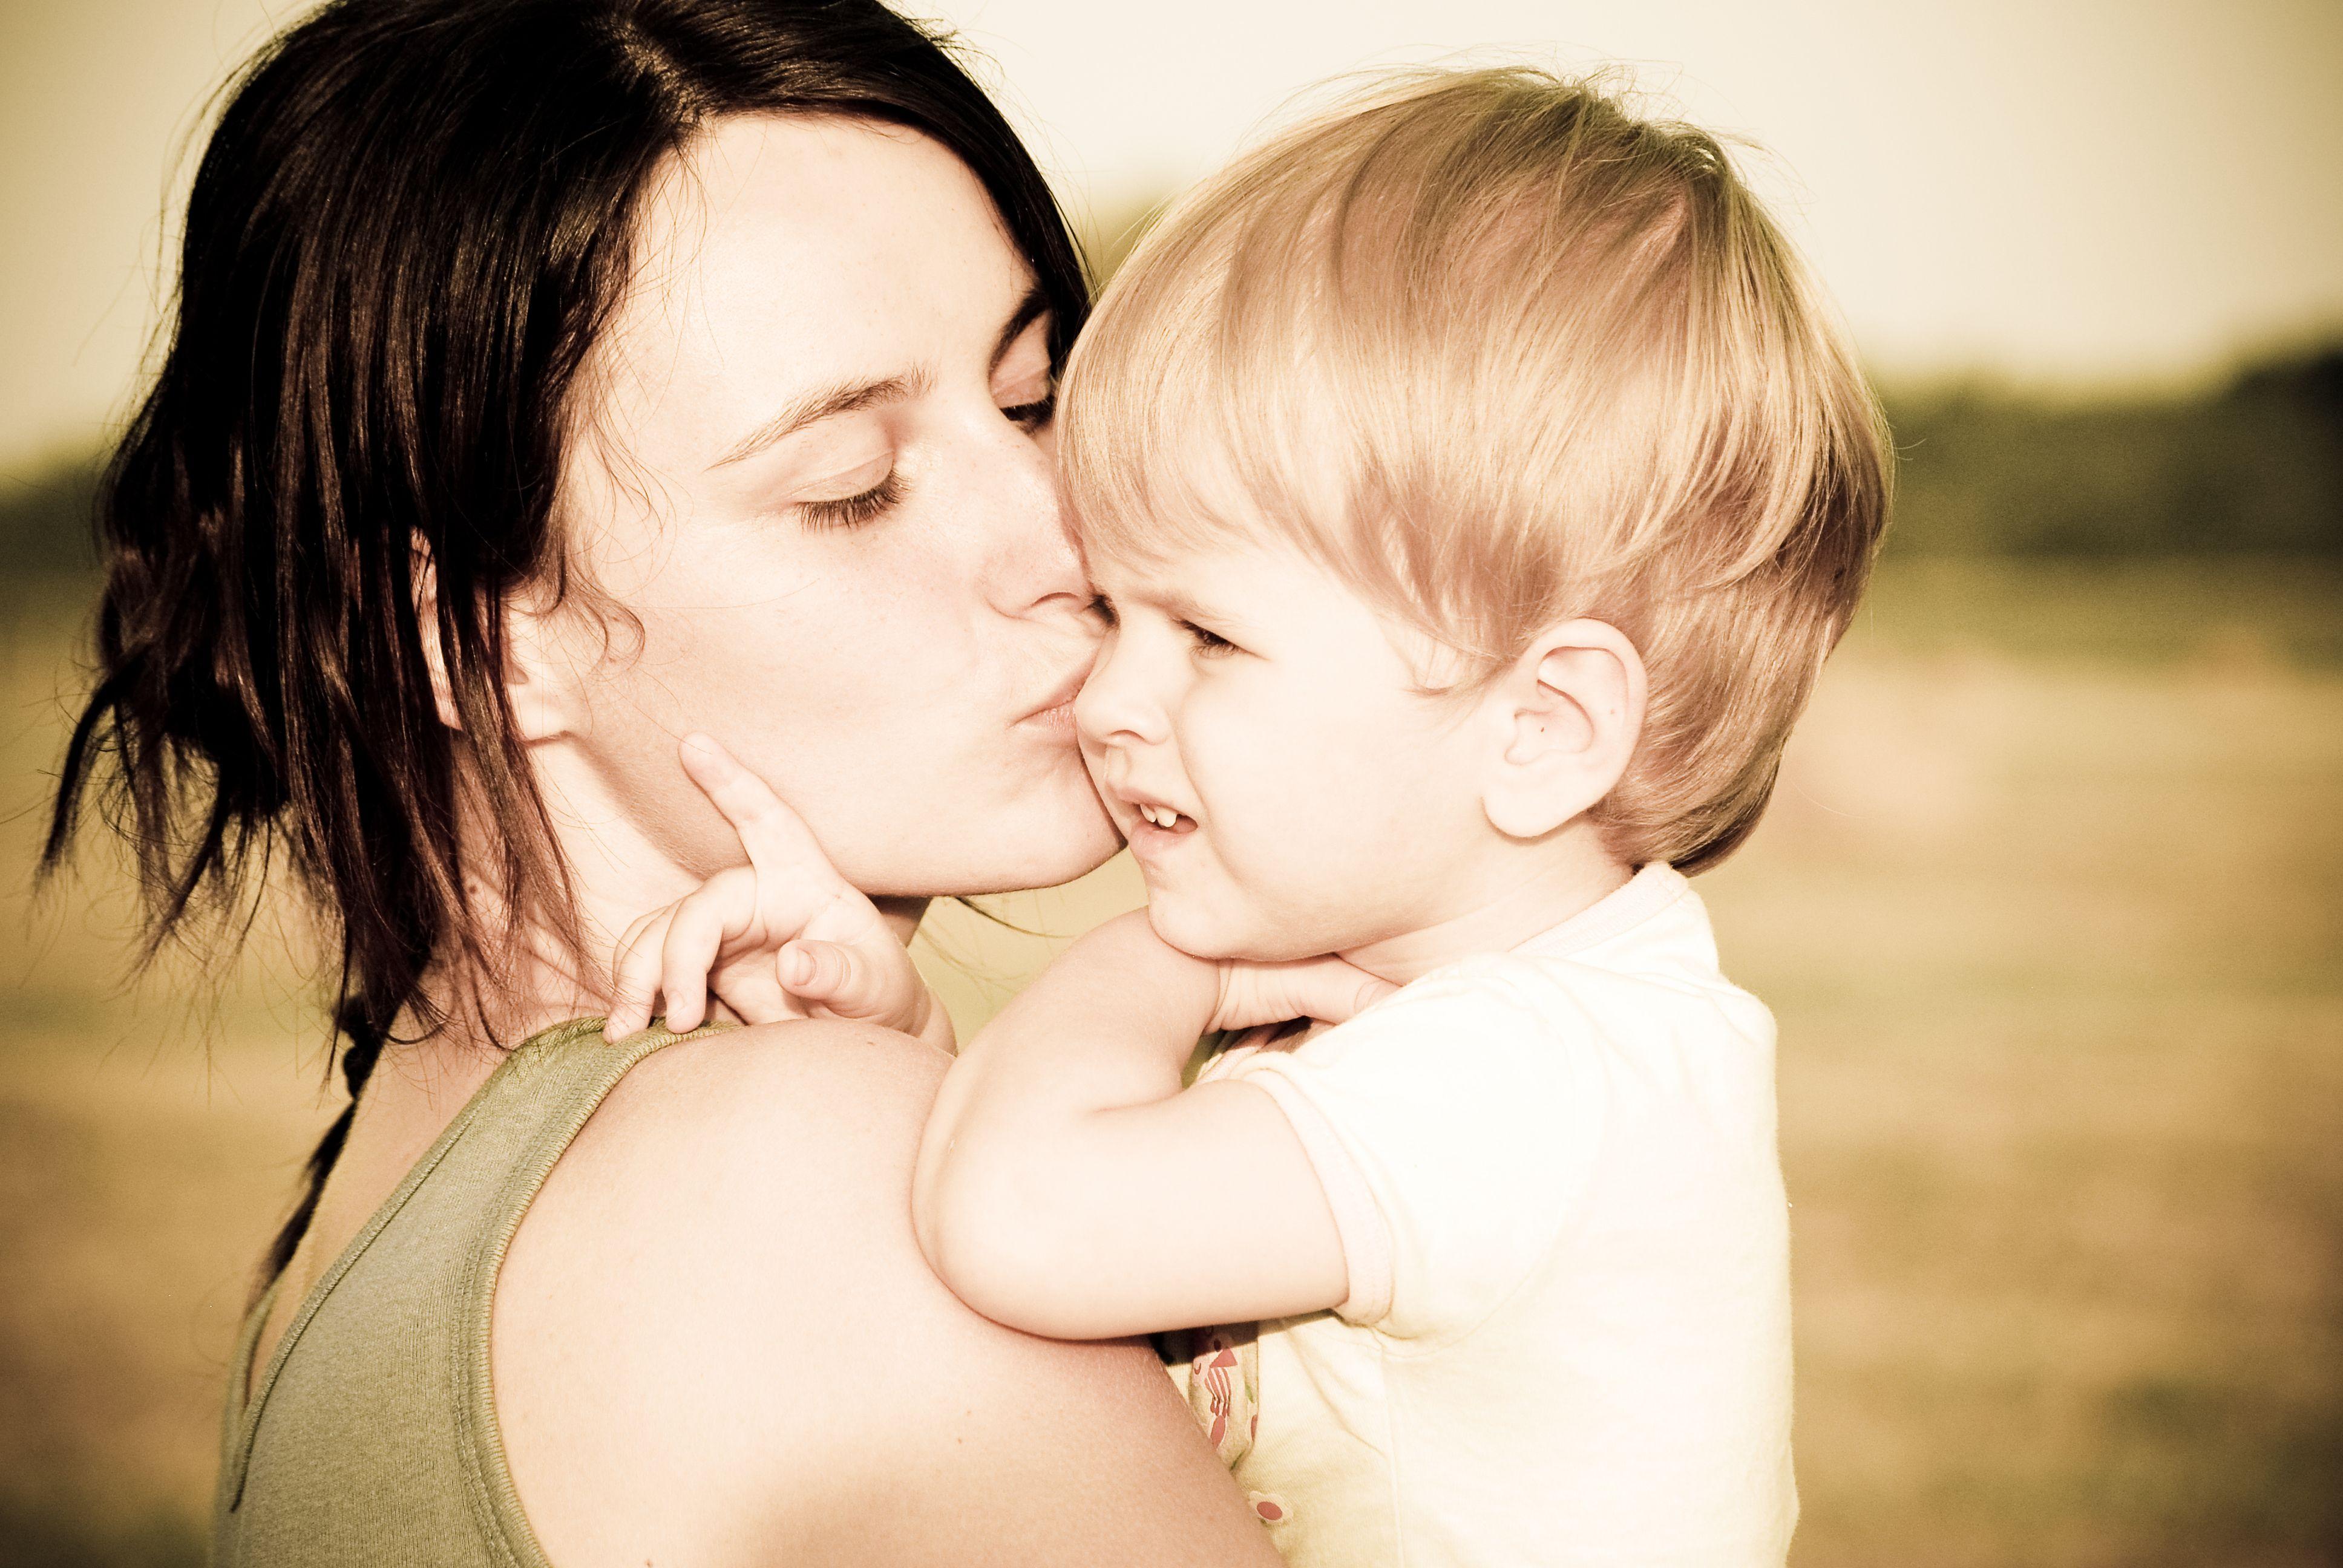 Фото мамы с ребенком муж